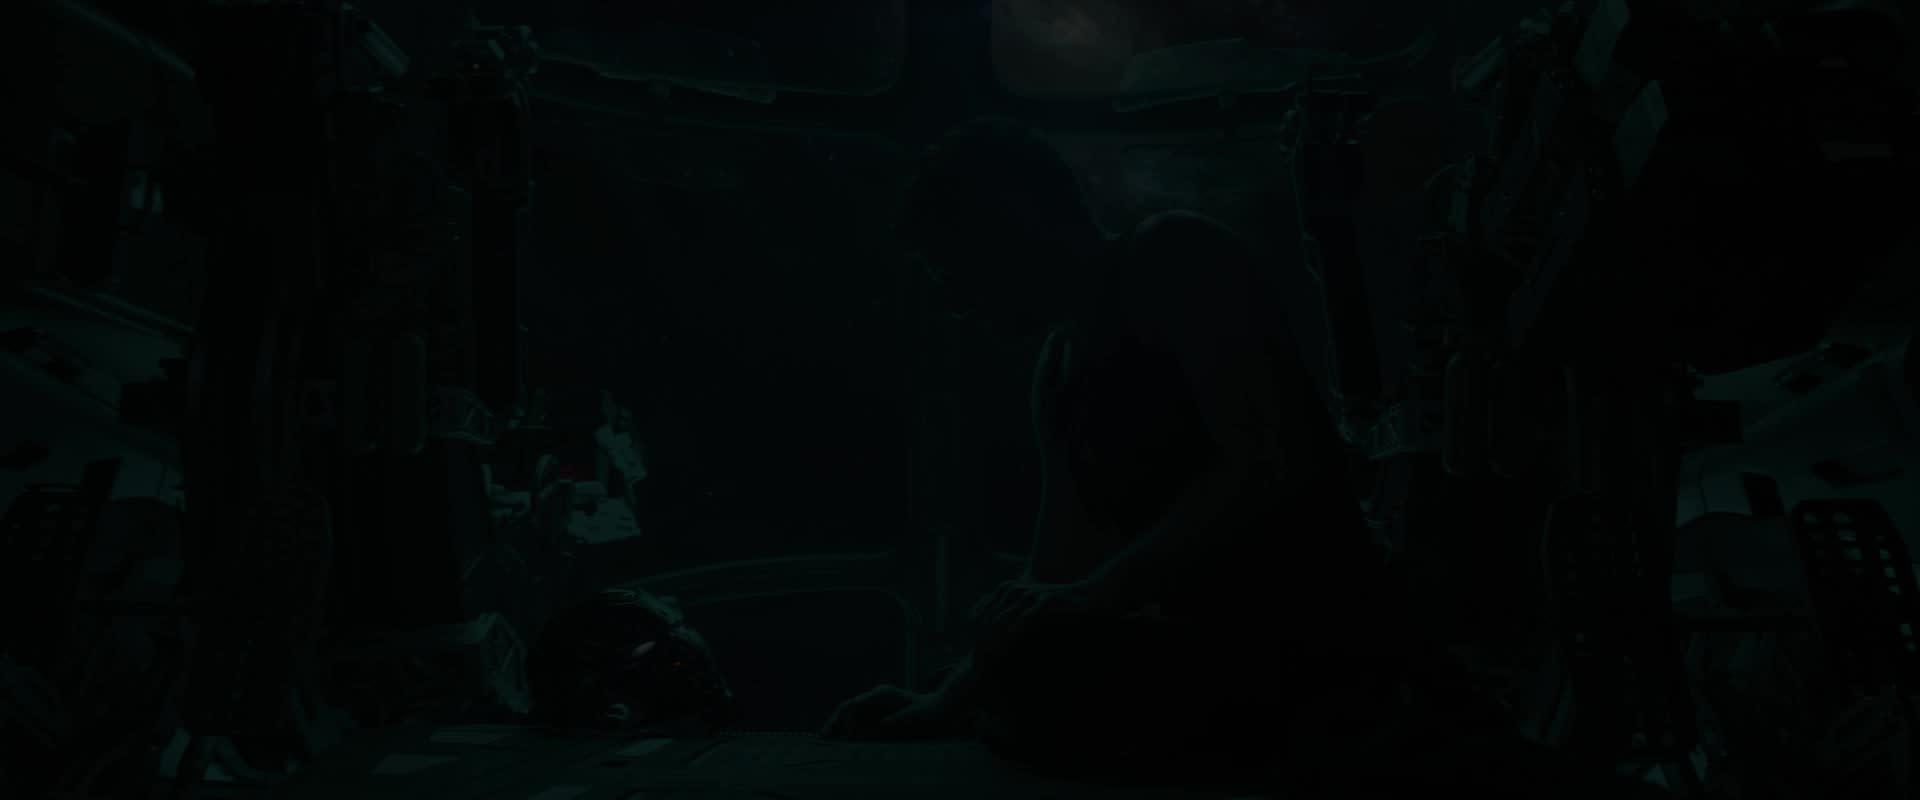 《復仇者聯盟4》香港首回預告